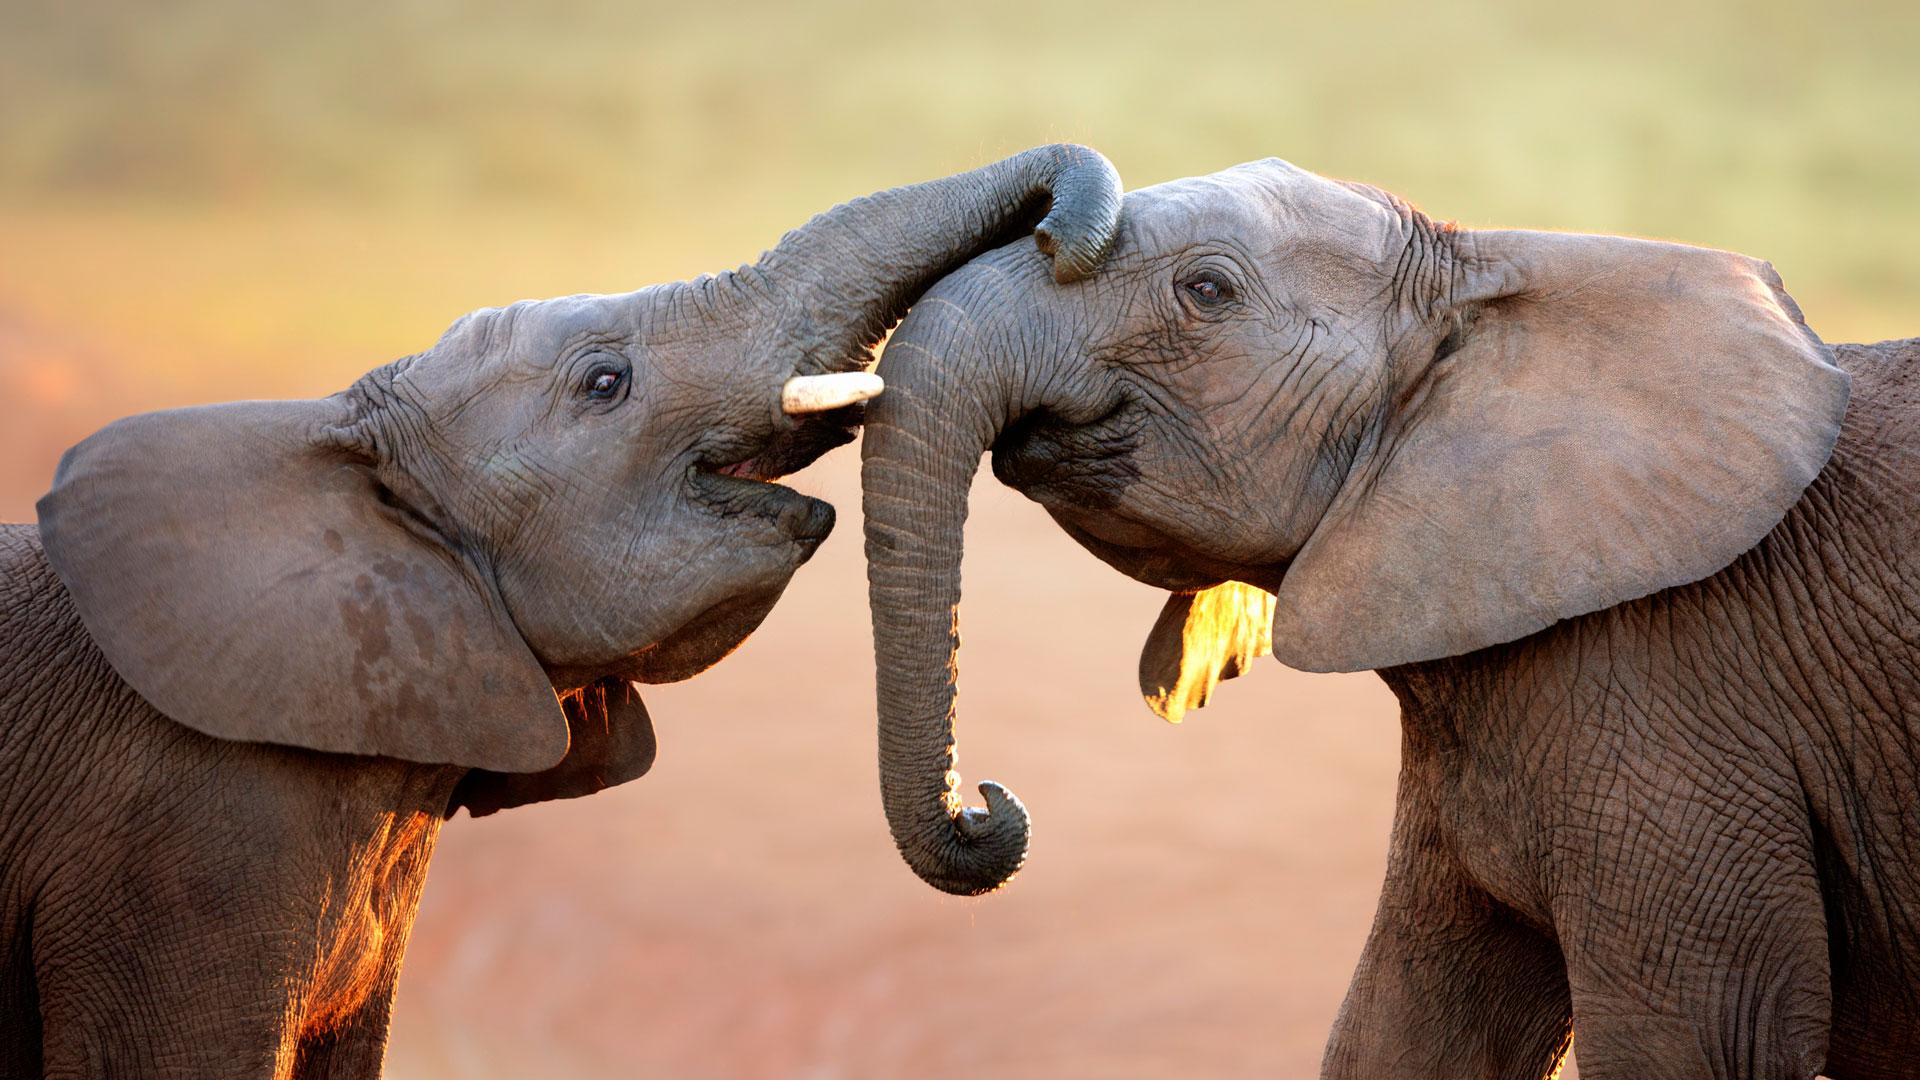 Wie kommunizieren Elefanten? Auch durch ihre Körpersprache.